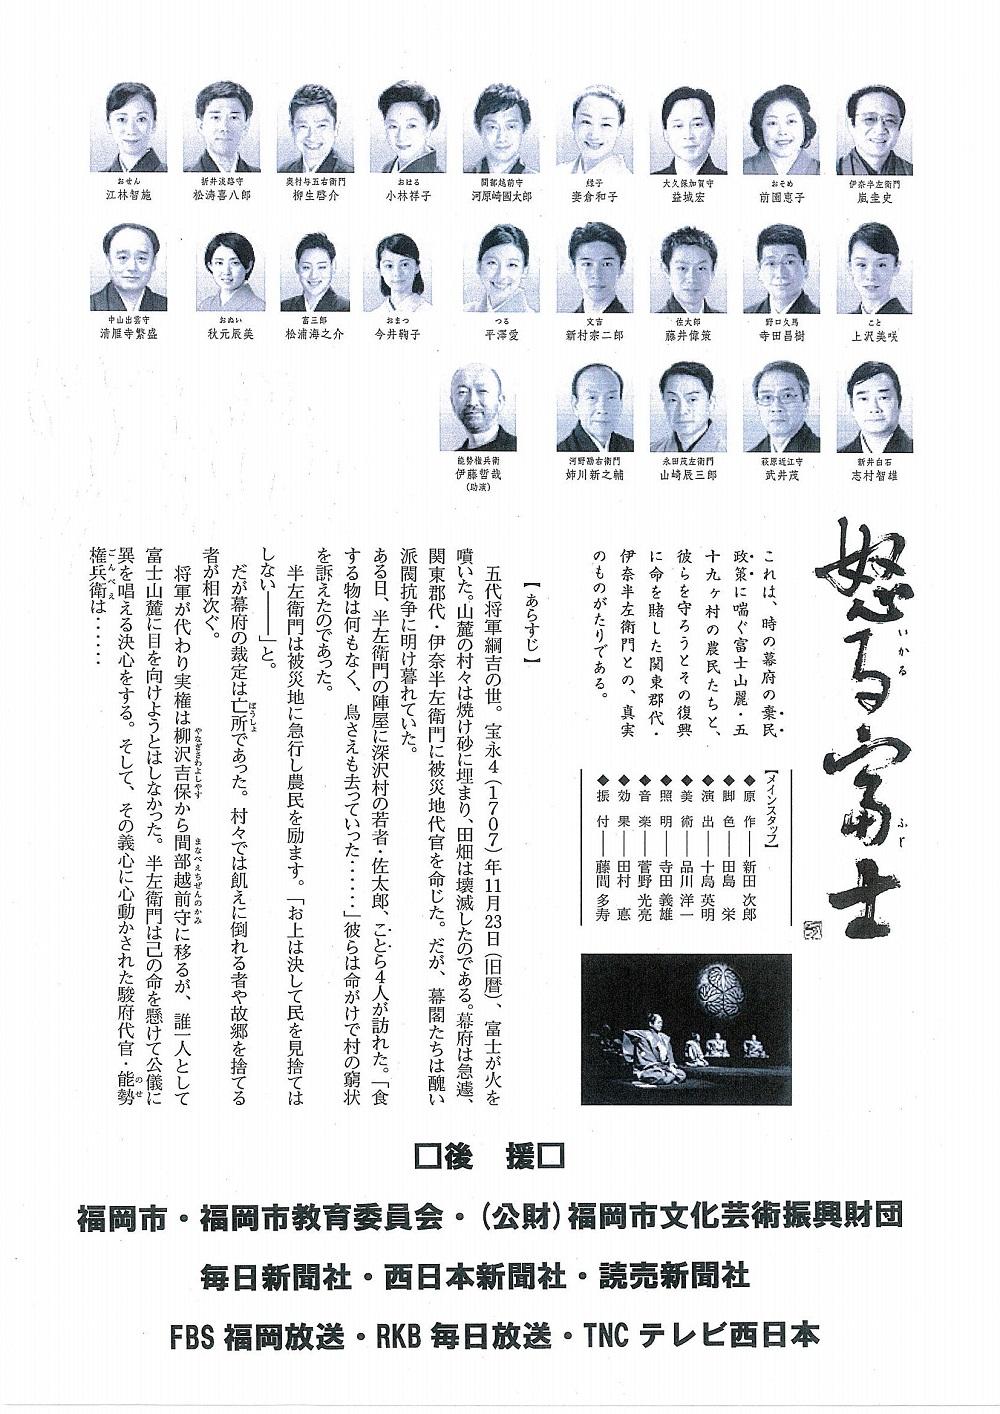 怒る富士  前進座 85周年特別公演  2月26日(日) 福岡市民会館大ホール